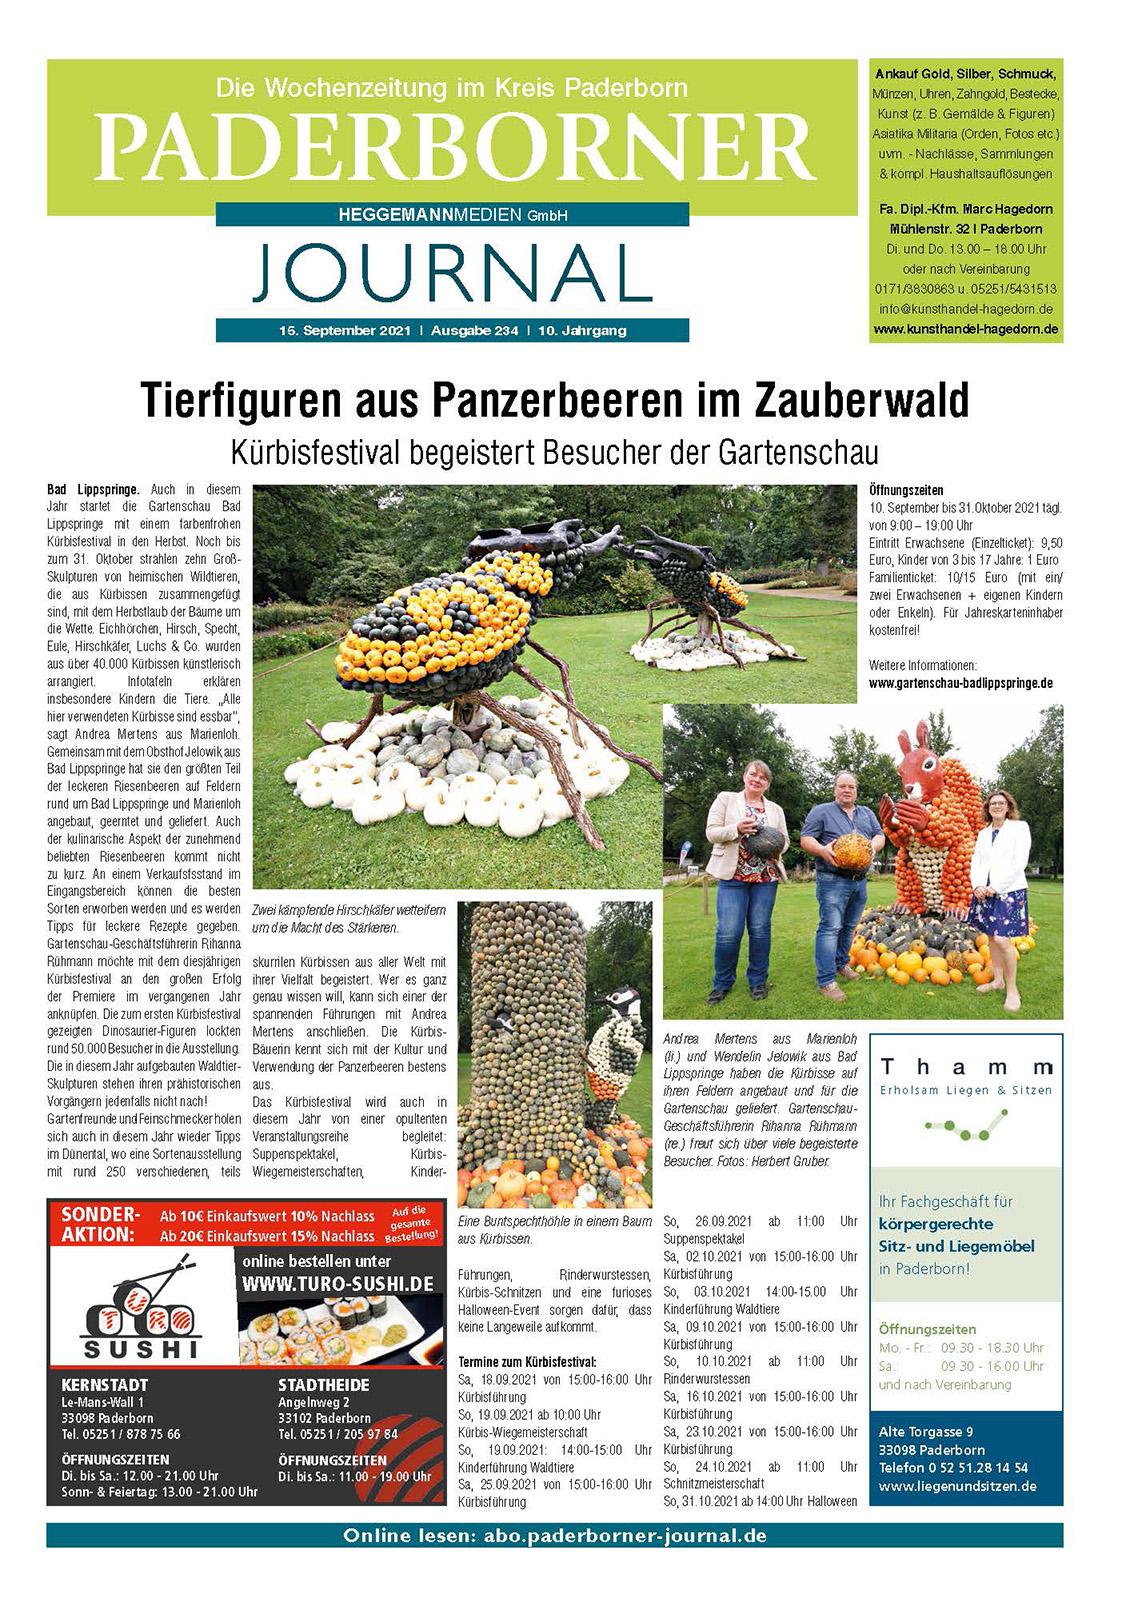 Paderborner Journal Ausgabe 234